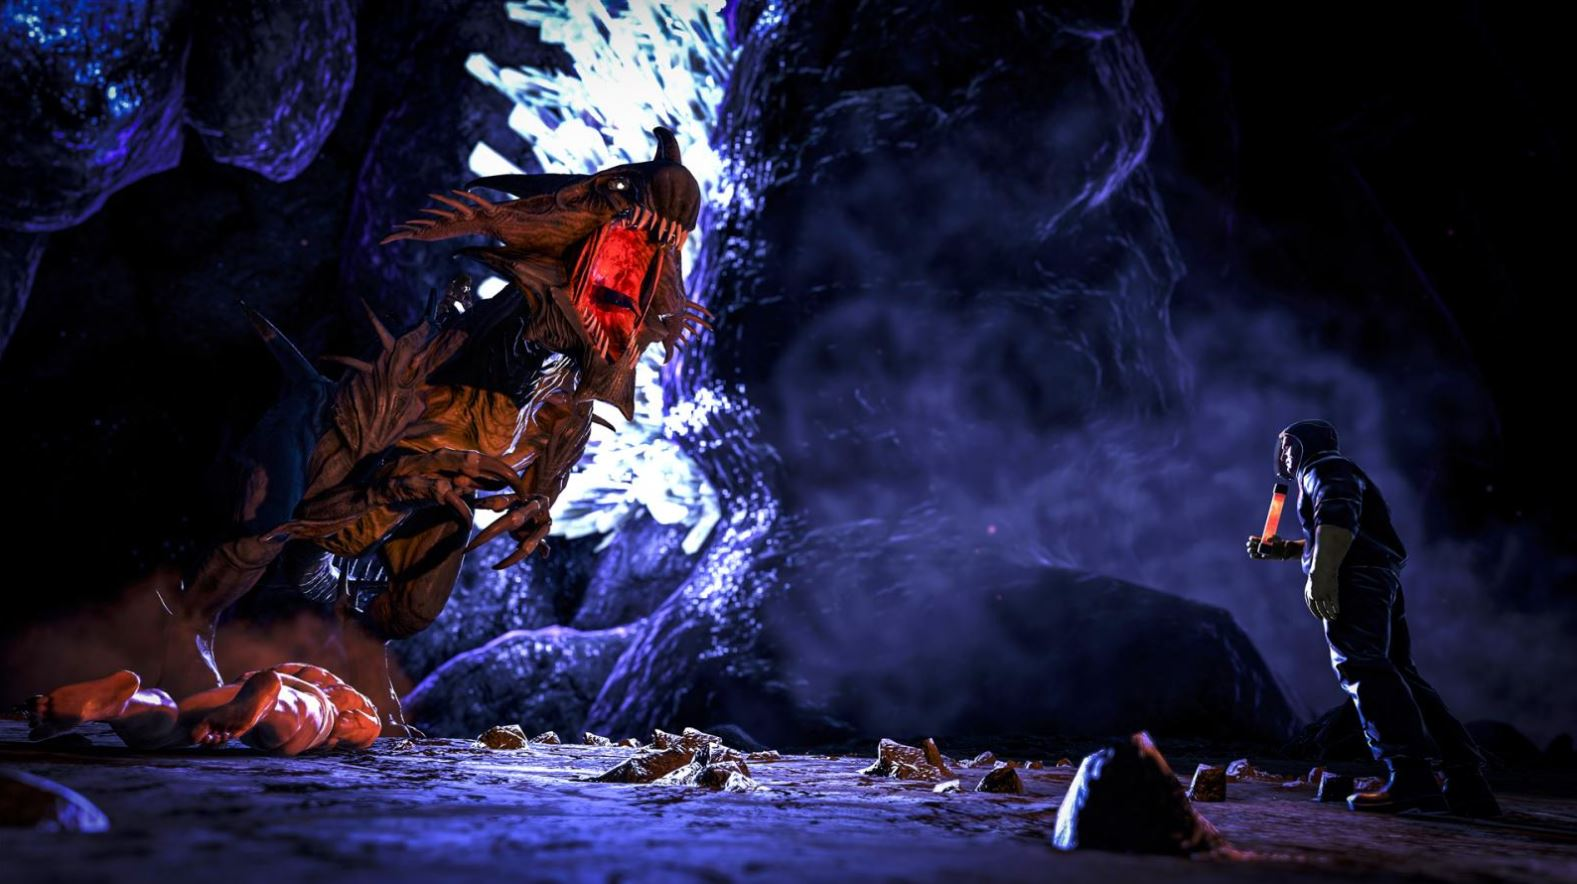 ARK: In den Höhlen von Aberration wartet ein völlig neues Spielgefühl auf Euch